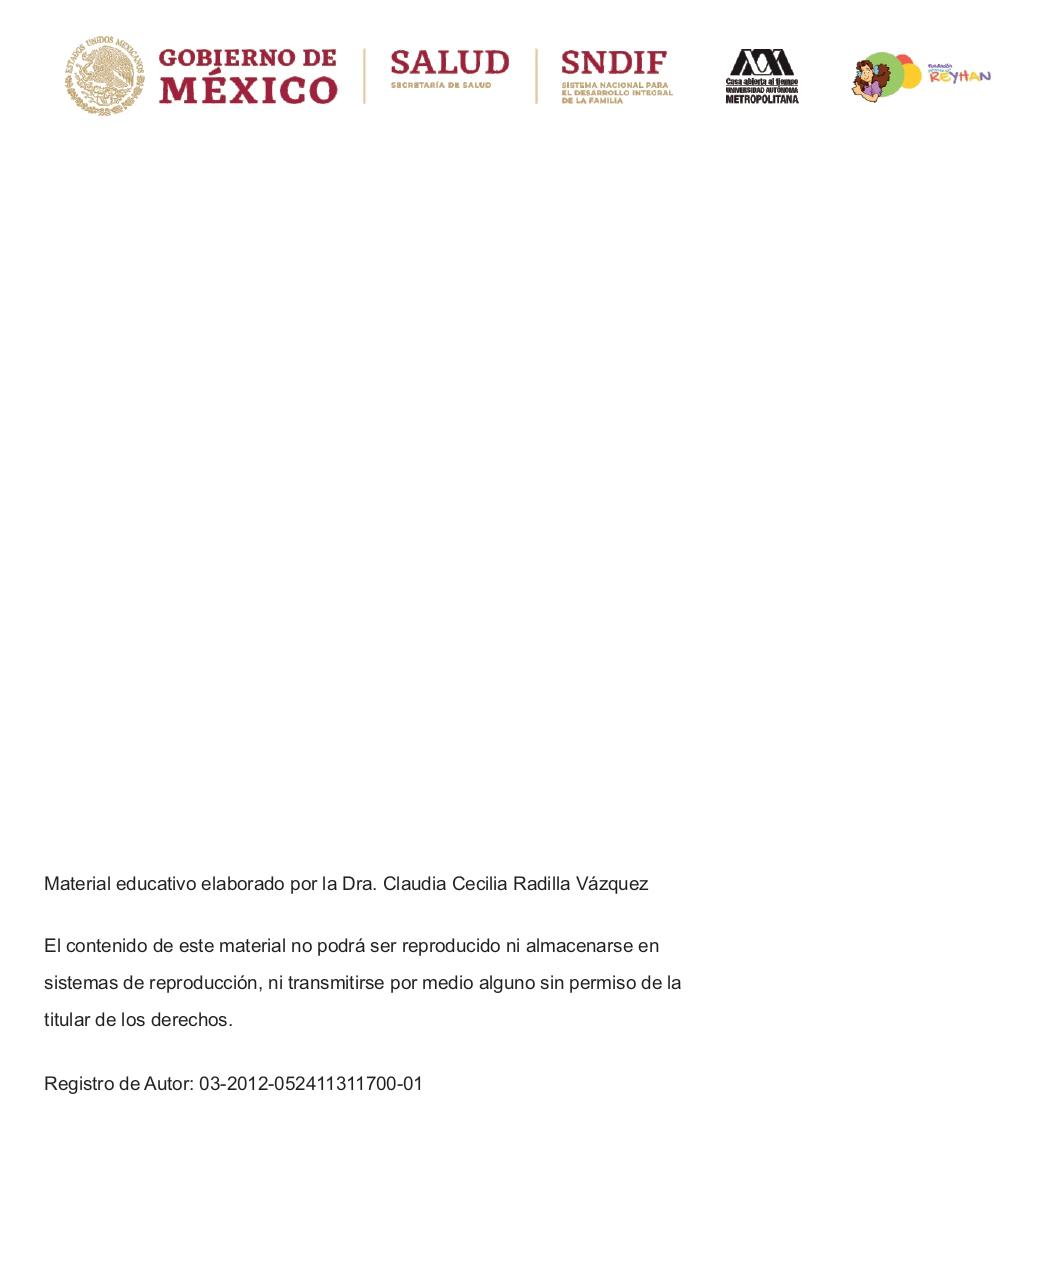 Norma de alimentos digital_page-0002